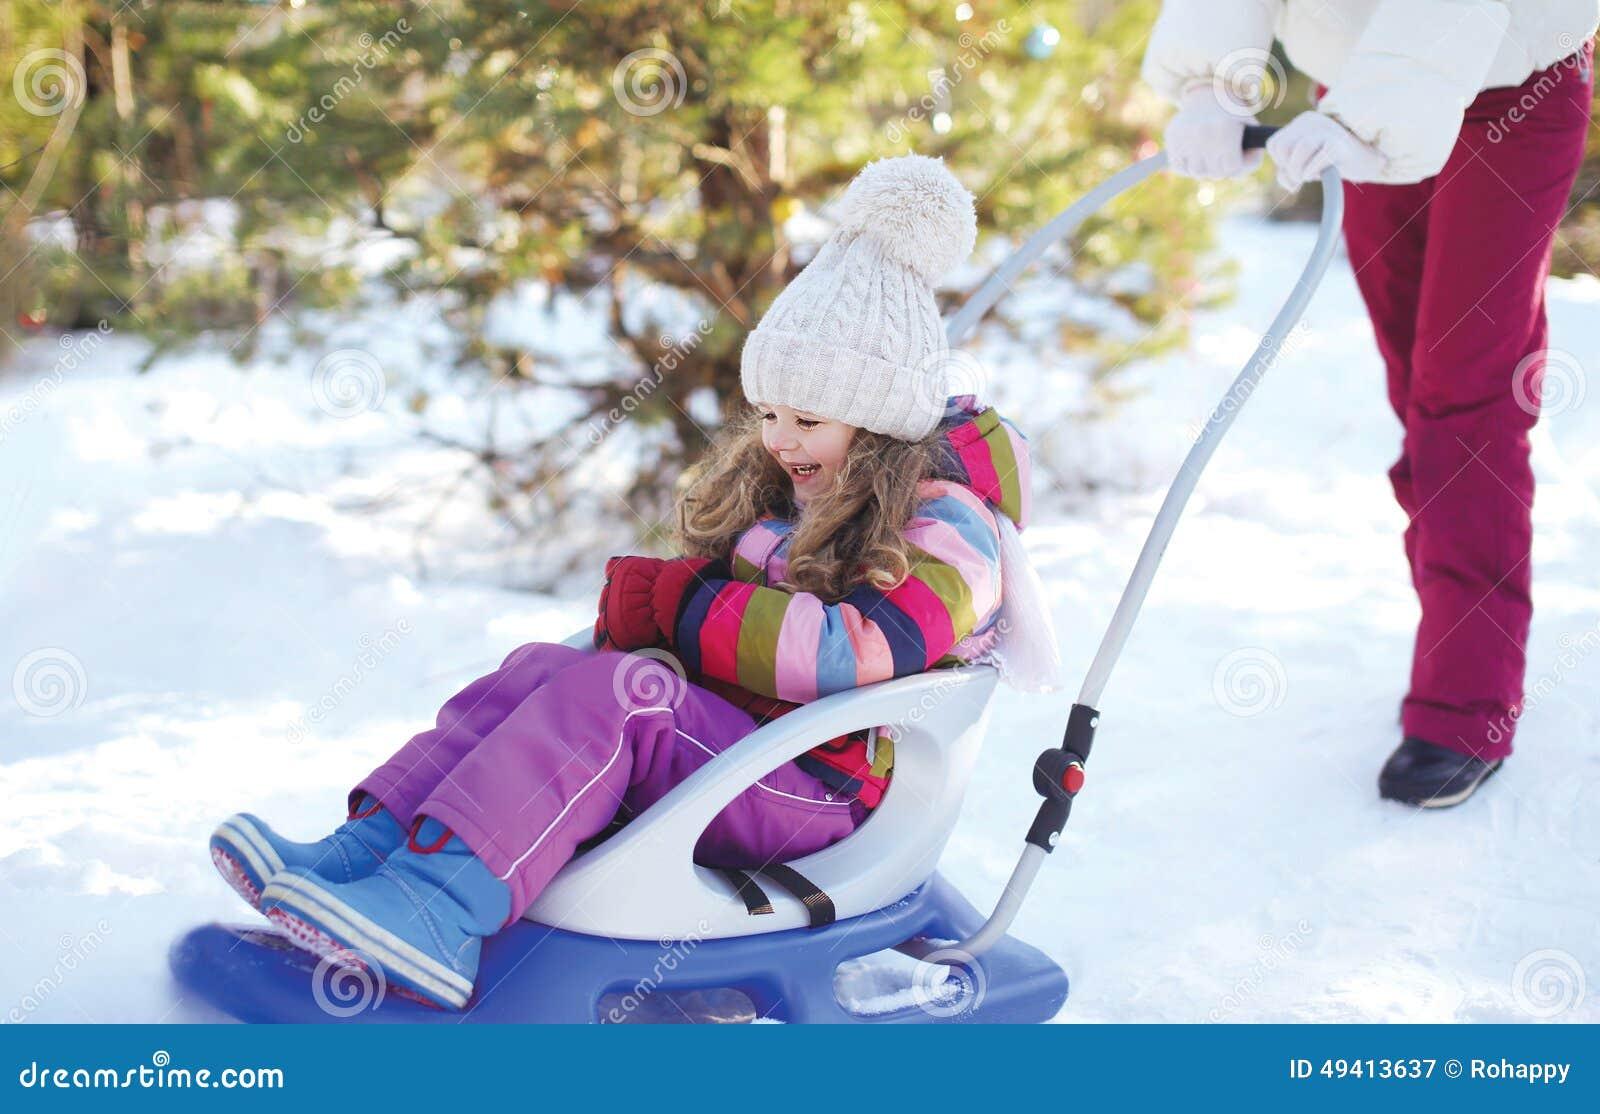 Download Rodelndes Kind Der Mutter Im Winter Stockbild - Bild von zicklein, mutter: 49413637